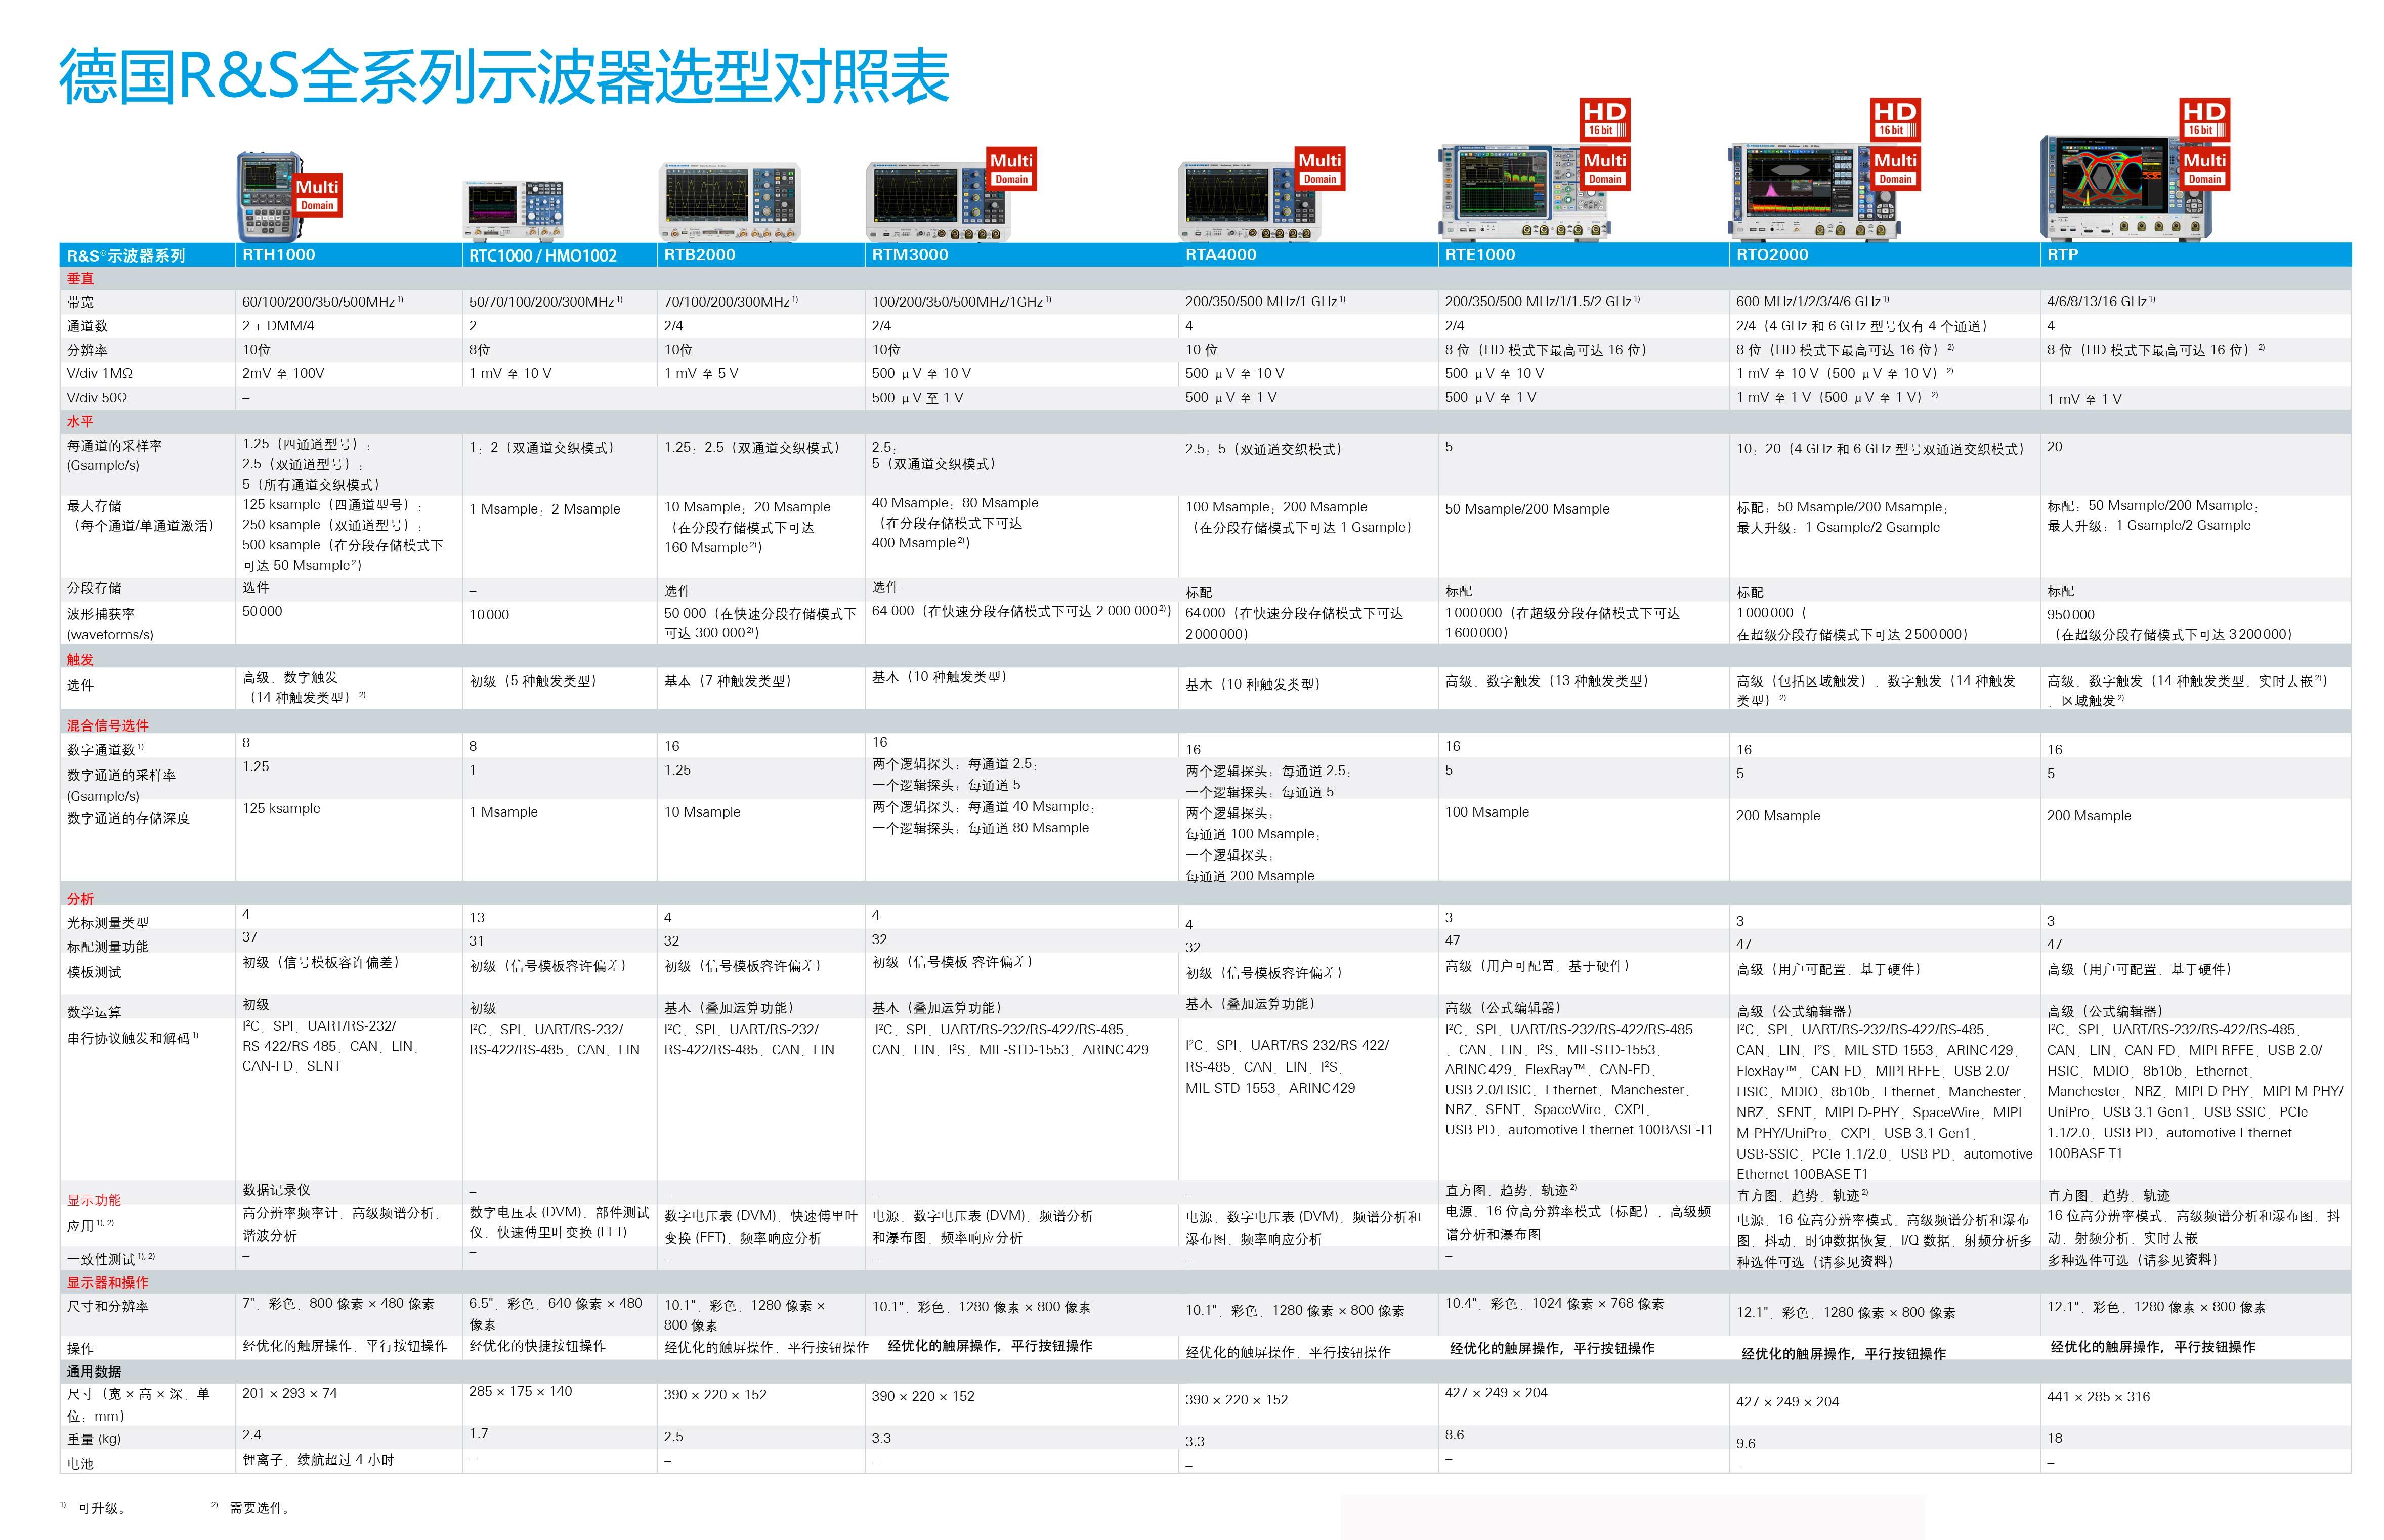 海洋版中文RS全系列示波器选型简要表